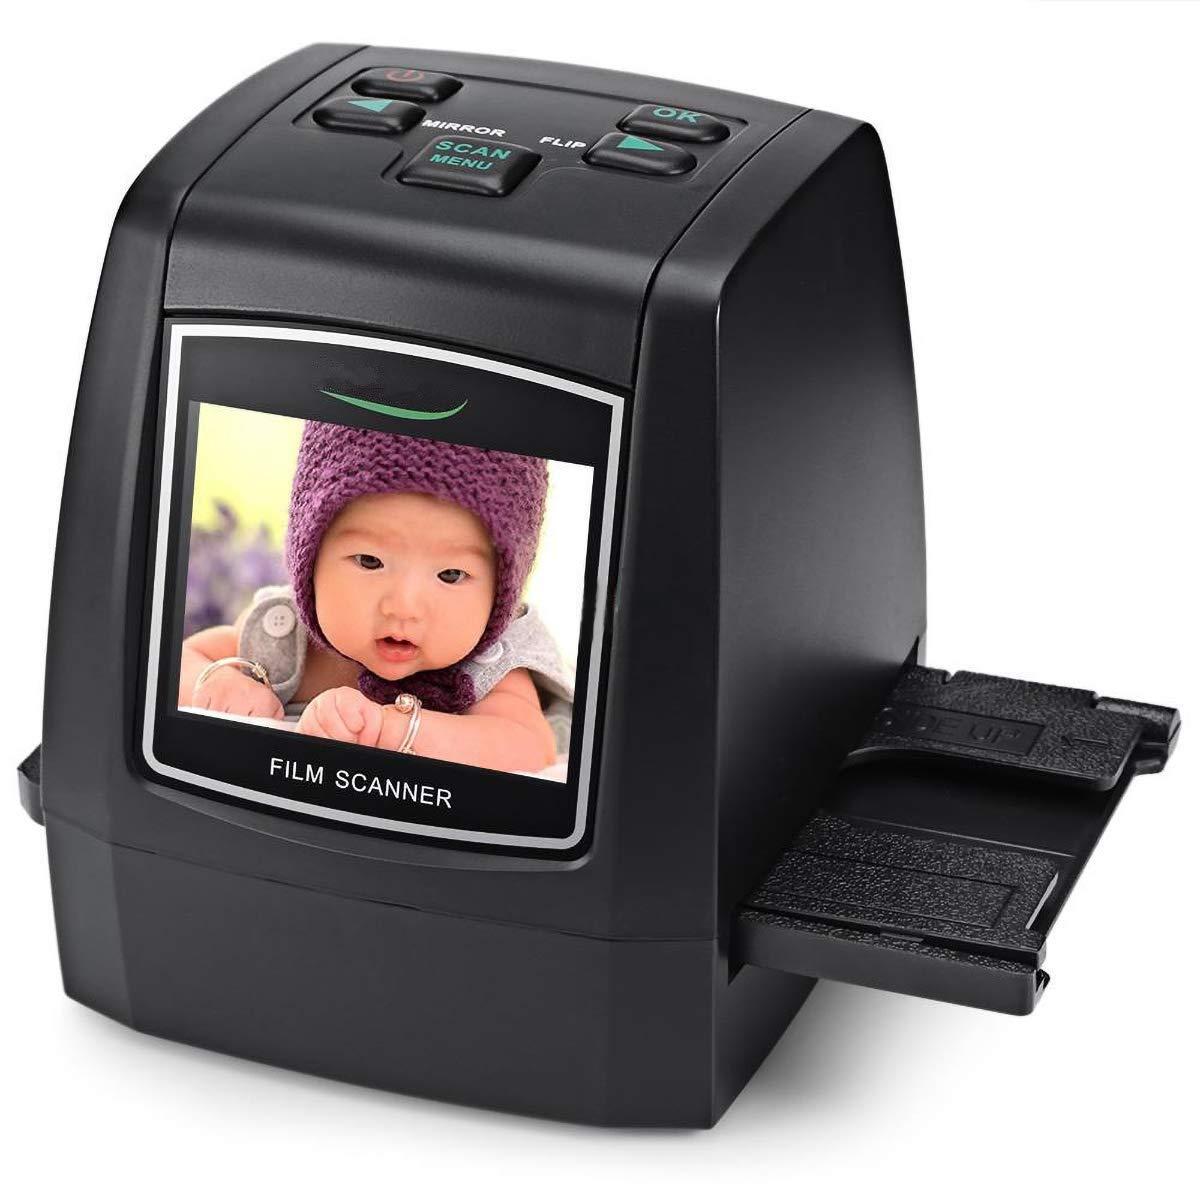 110 Film Scanner for 35mm Film Slides and Negatives 126 Film 22MP Max 135 Film 14 Megapixel Film Scanner to Convert Film Negatives and Photo Slides to JPG Digital Files